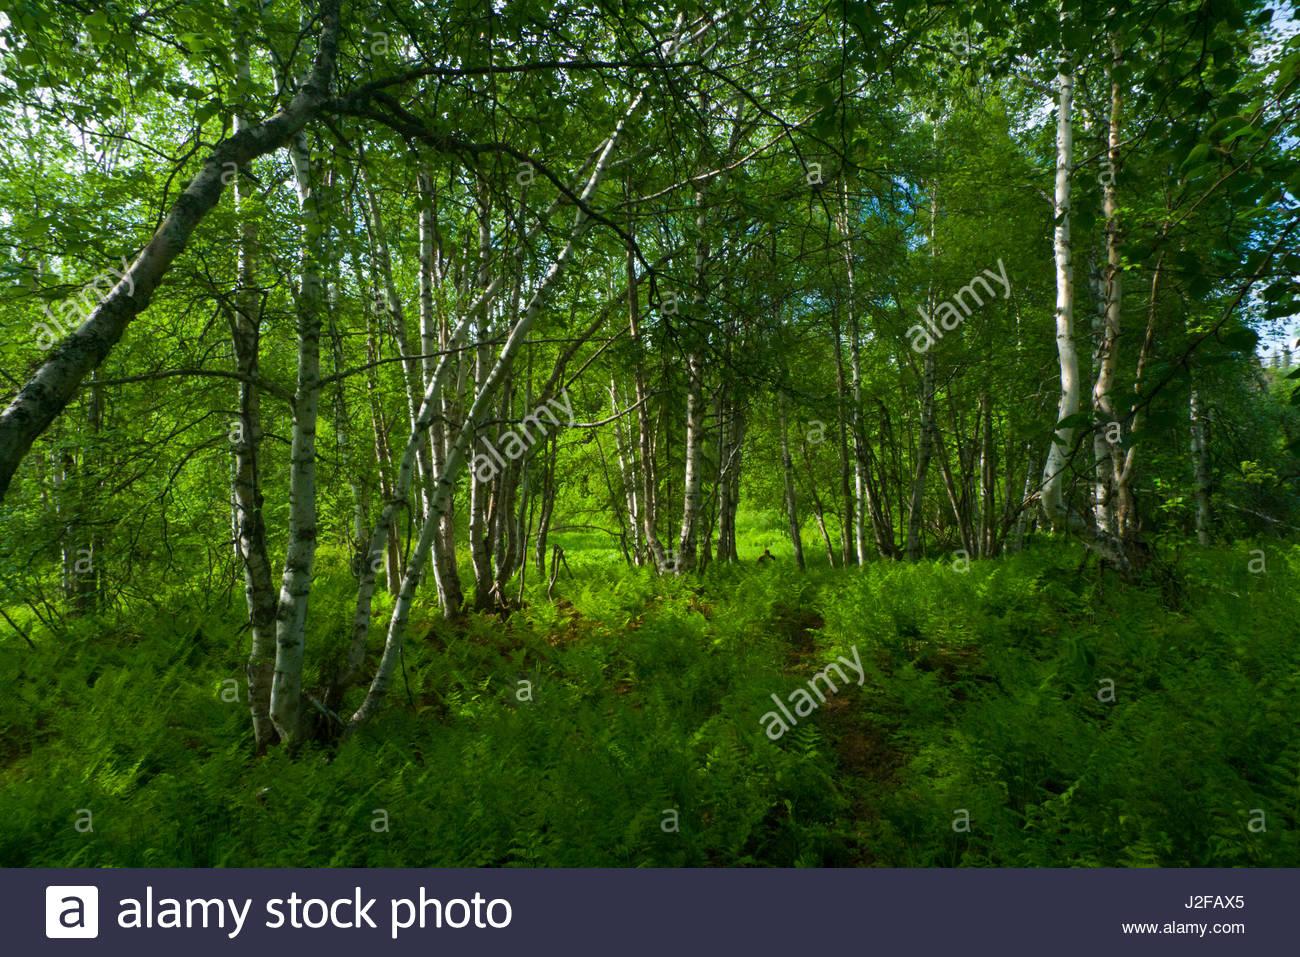 Alaska matanuska susitna county talkeetna - Lush Green Forest With Ferns And Deciduous Paper Birch Trees Talkeetna Mountains Matanuska Susitna Borough Alaska Usa